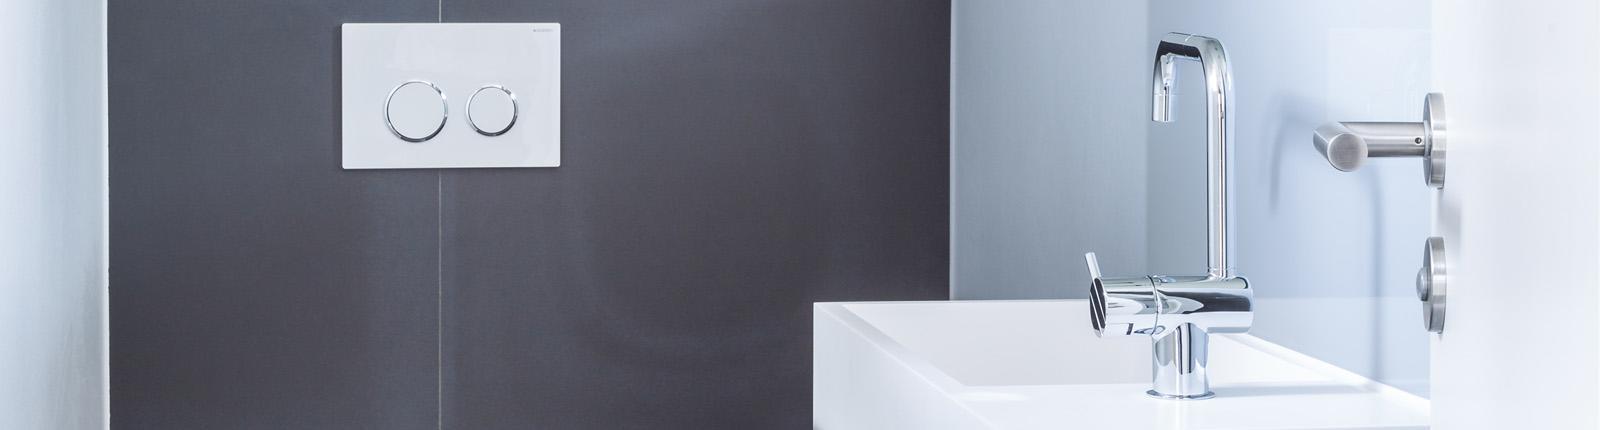 Mondänes Gäste-WC | Frick Badezimmer | Ulm